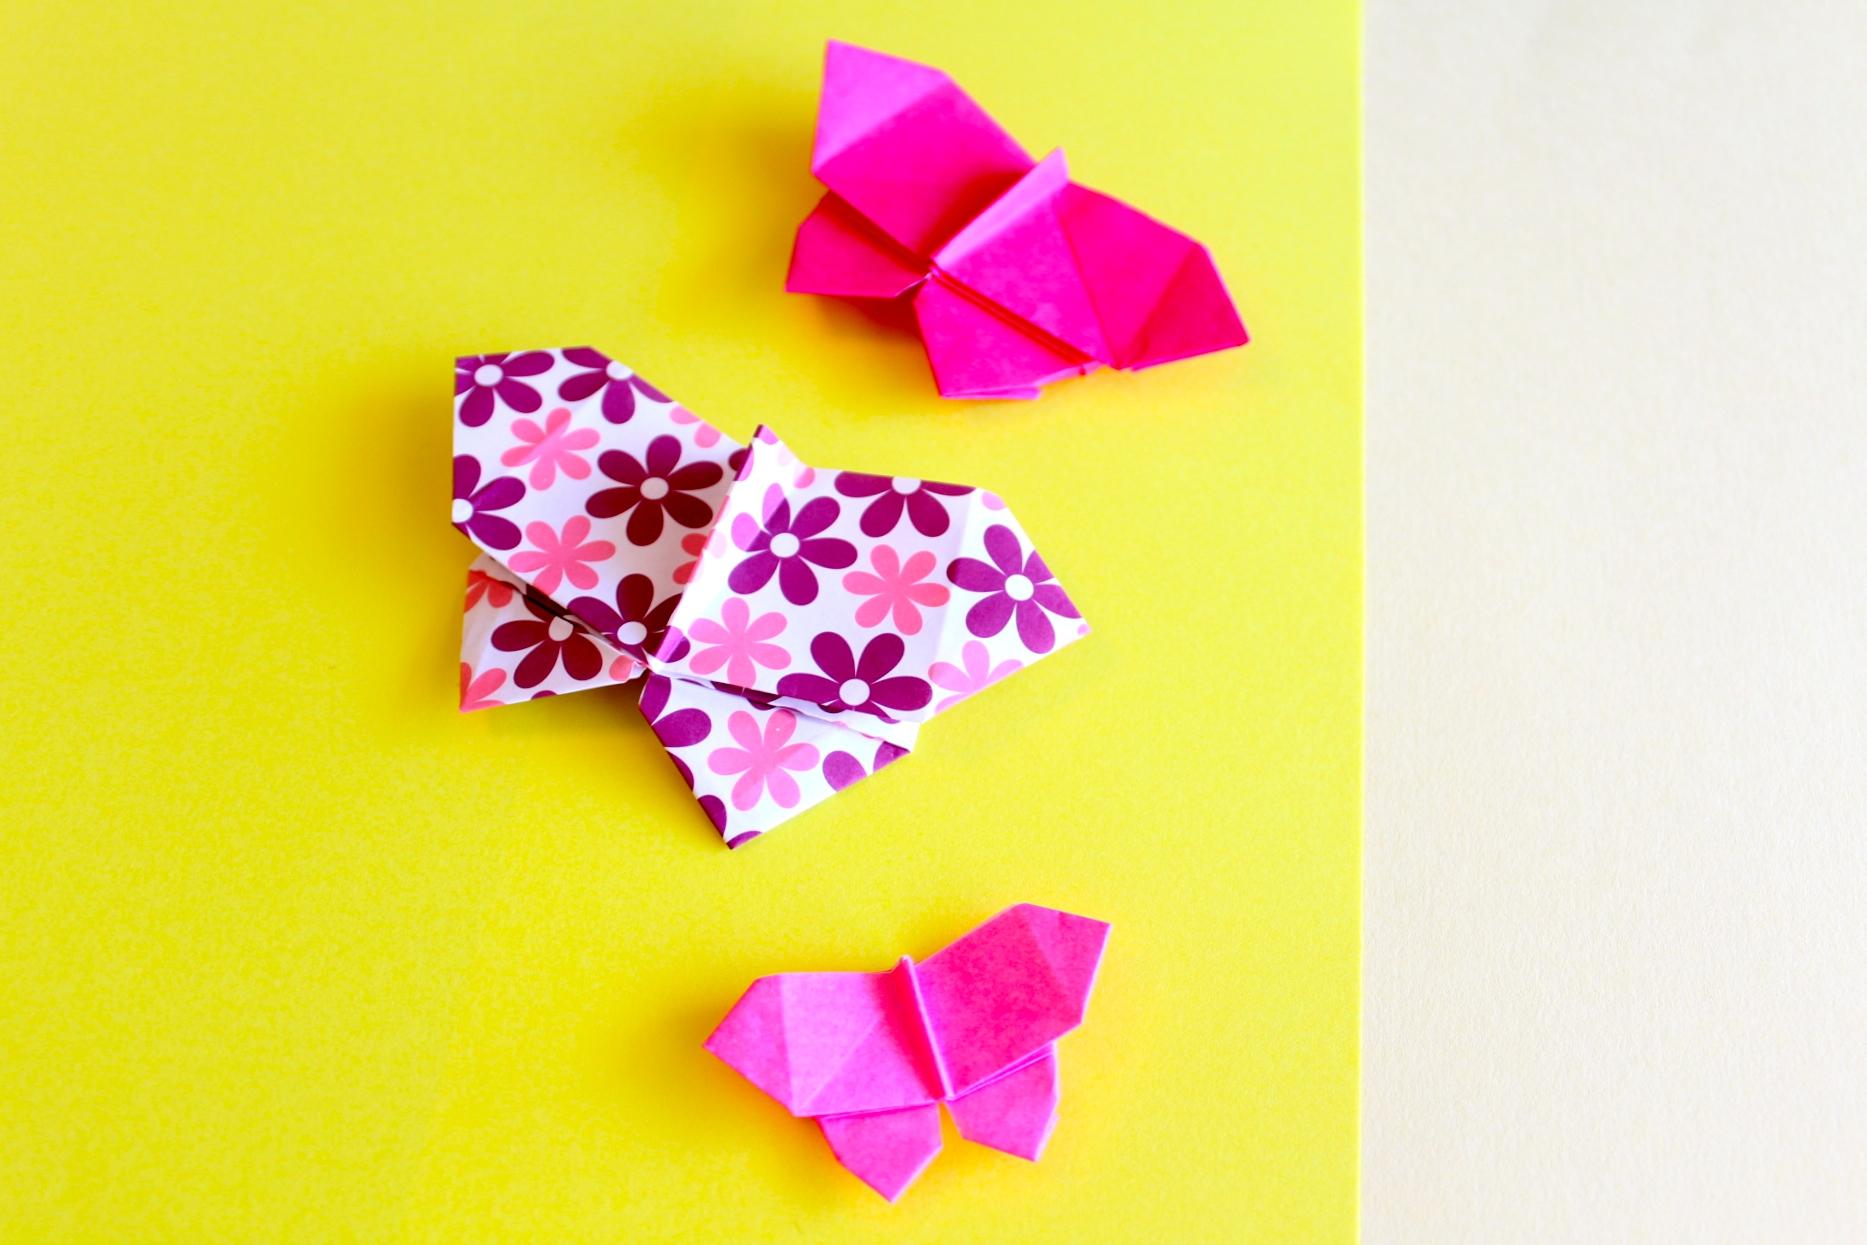 折り紙でちょうちょの折り方